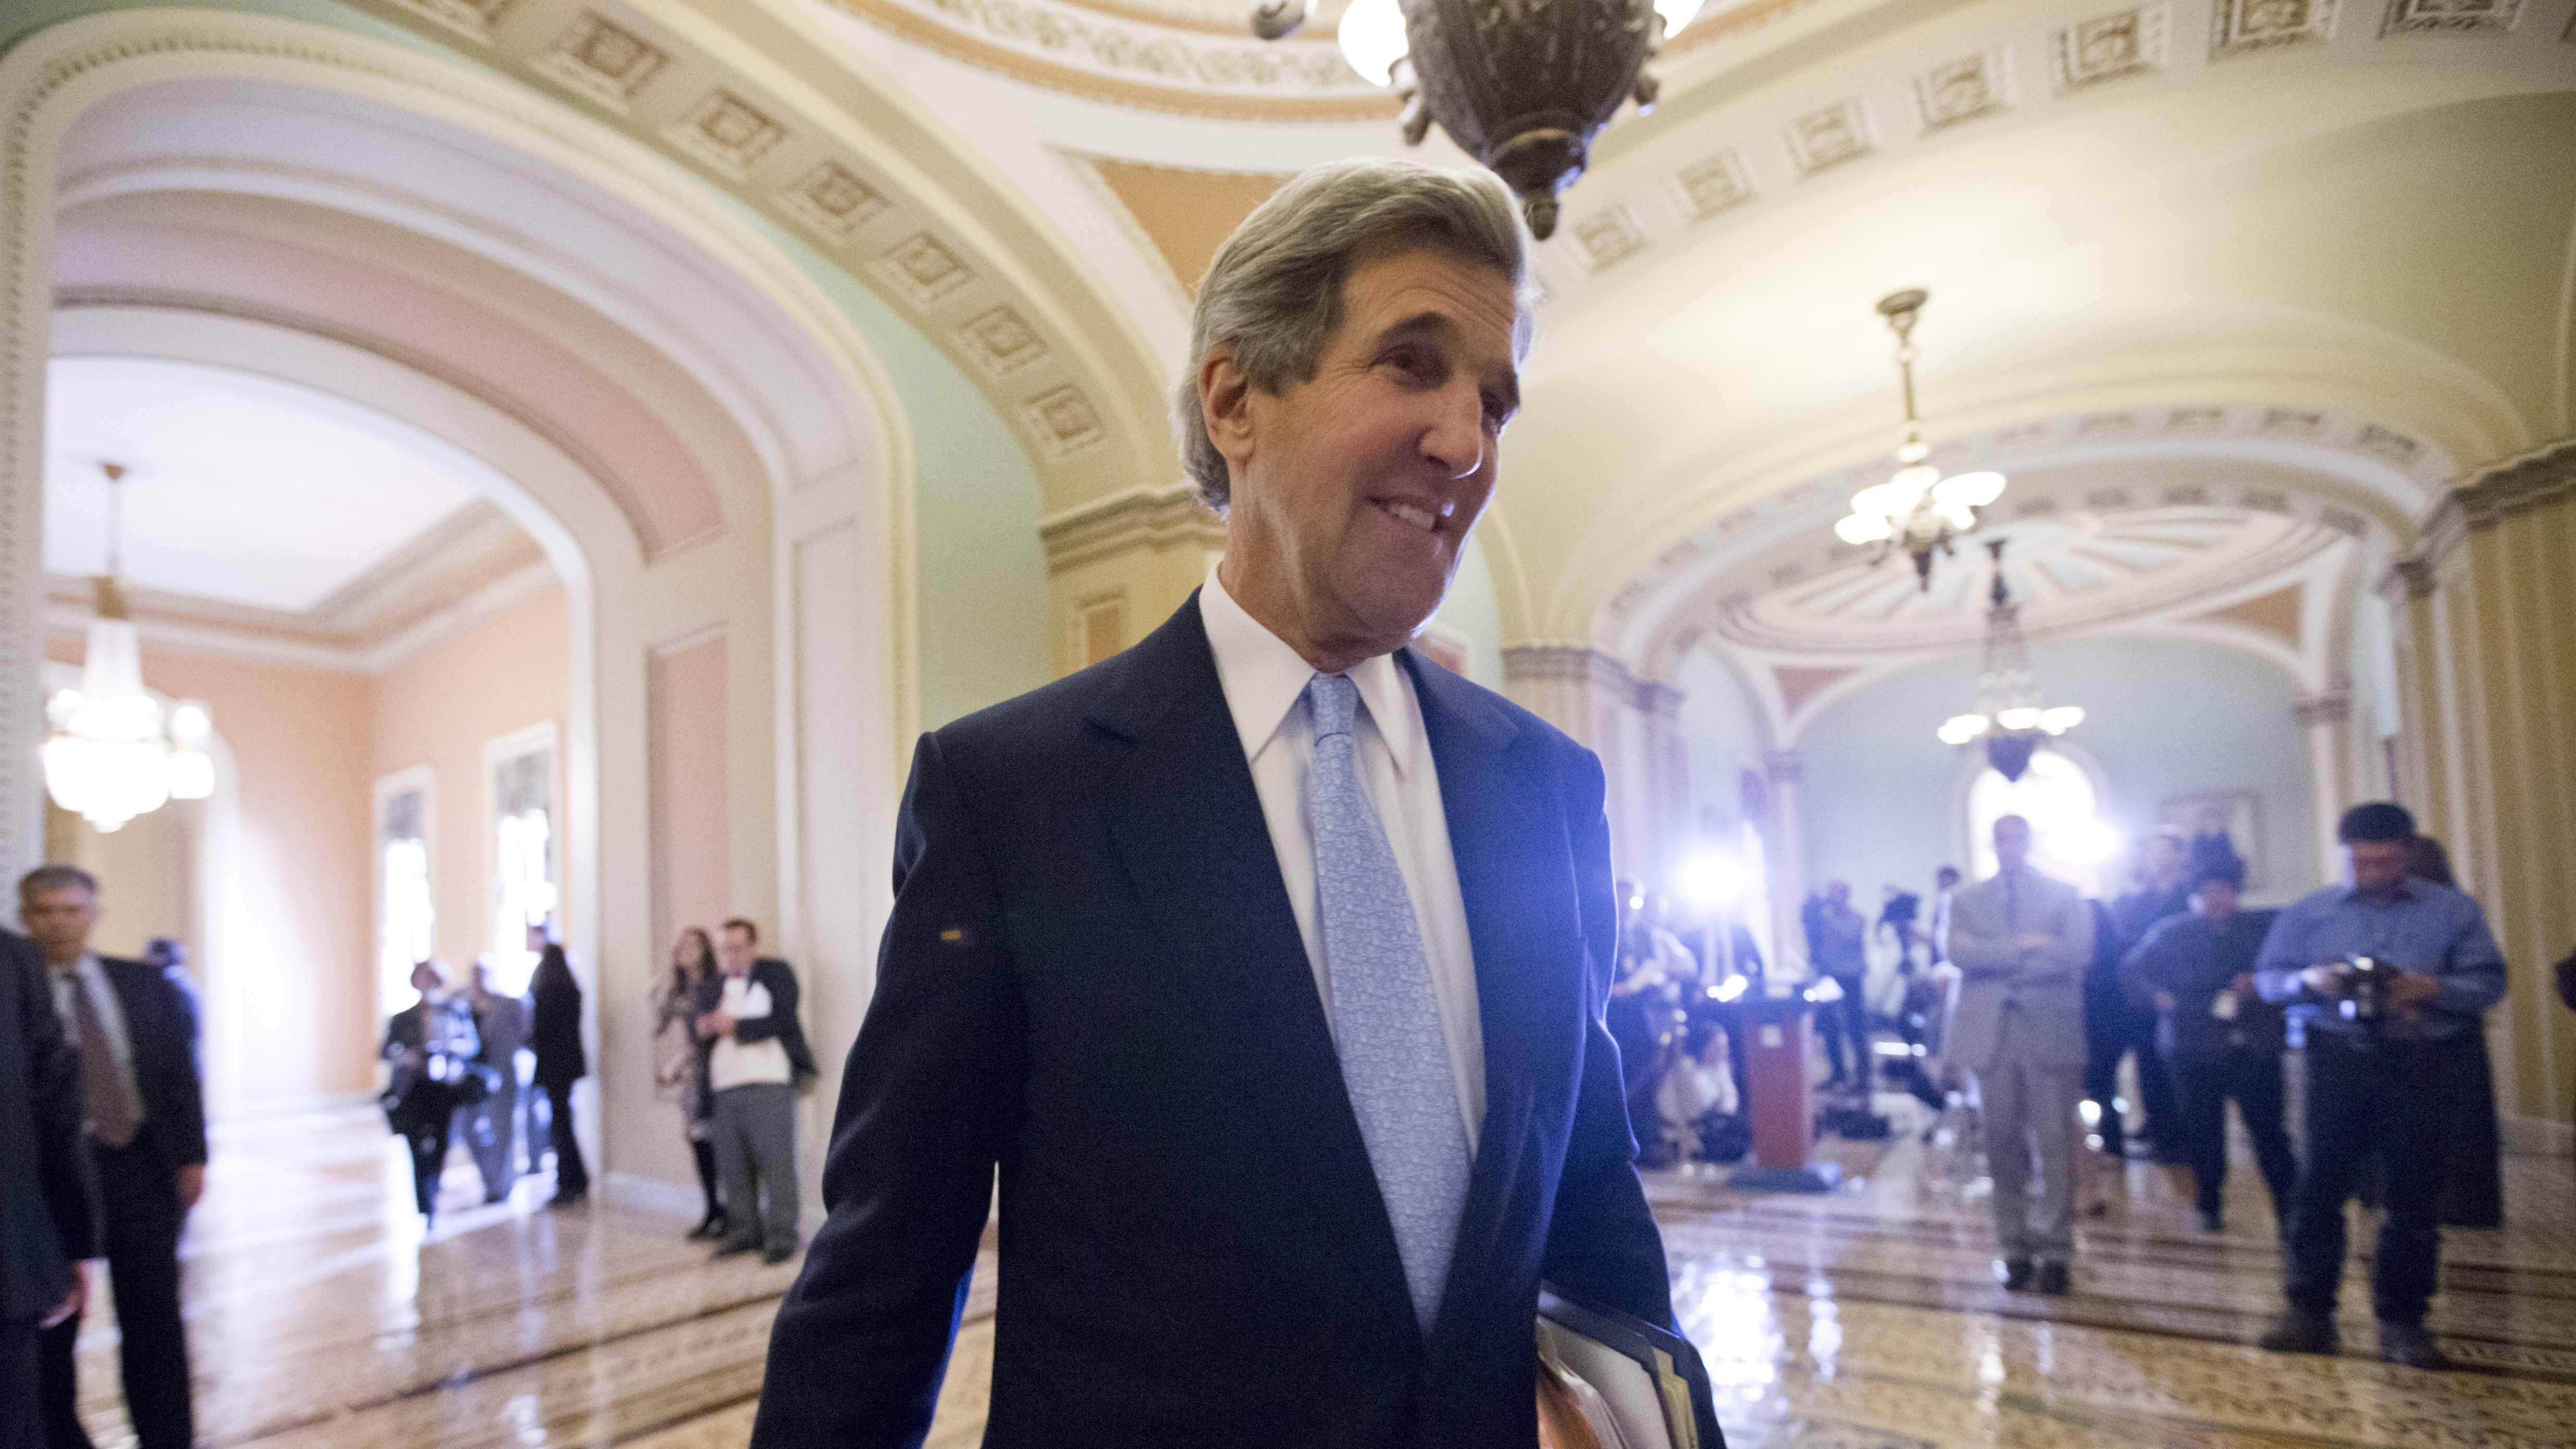 Sen. John Kerry AP Photo